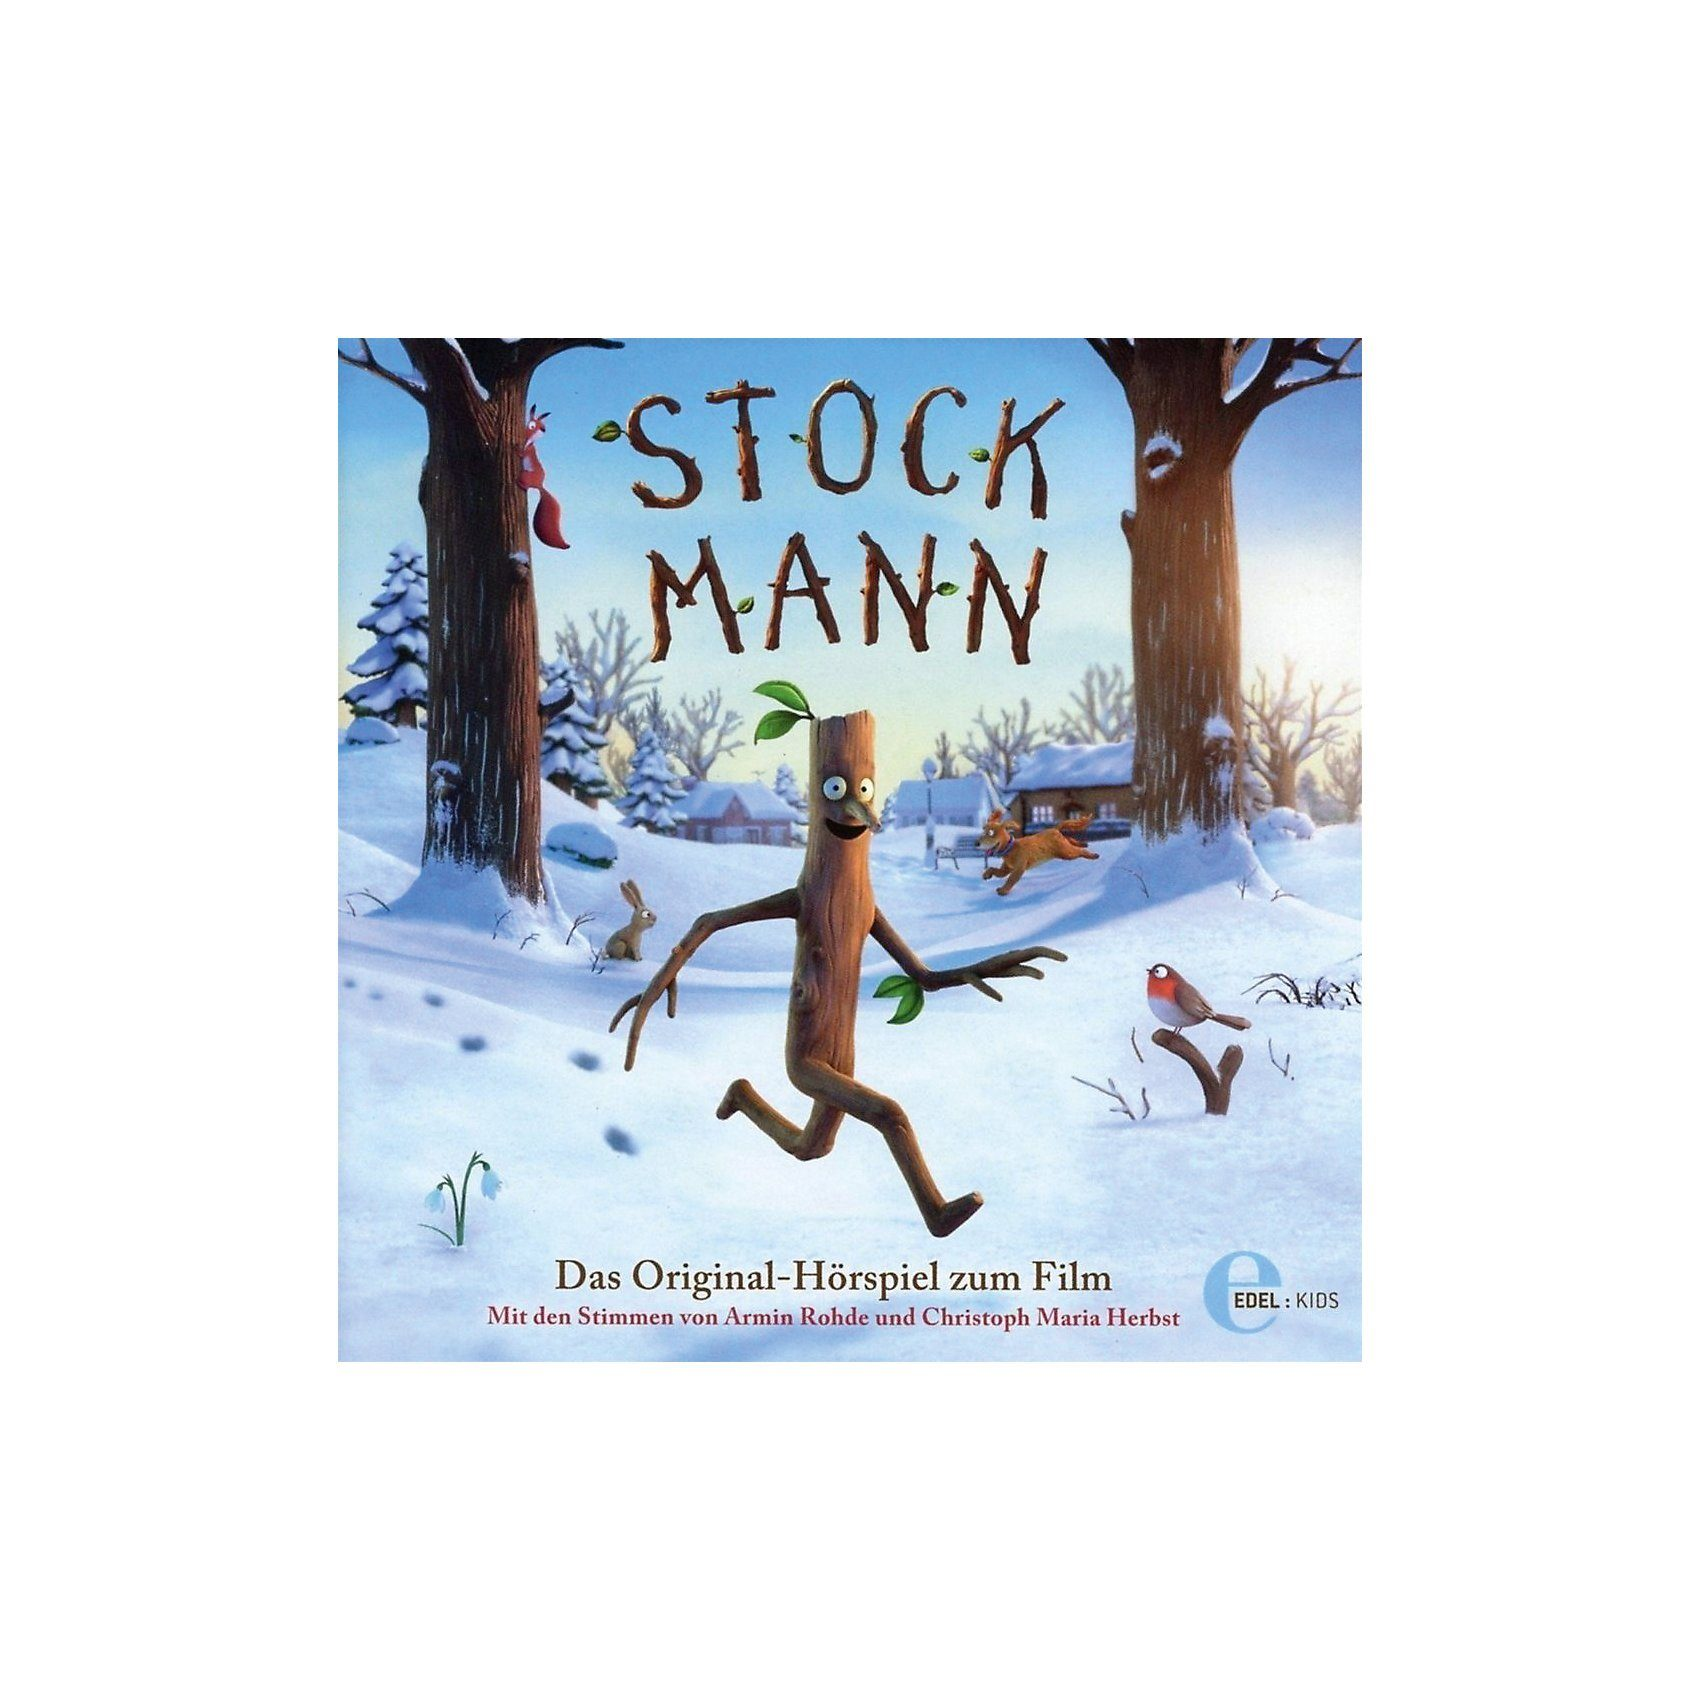 Edel CD Stockmann - Das Original-Hörspiel zum Film